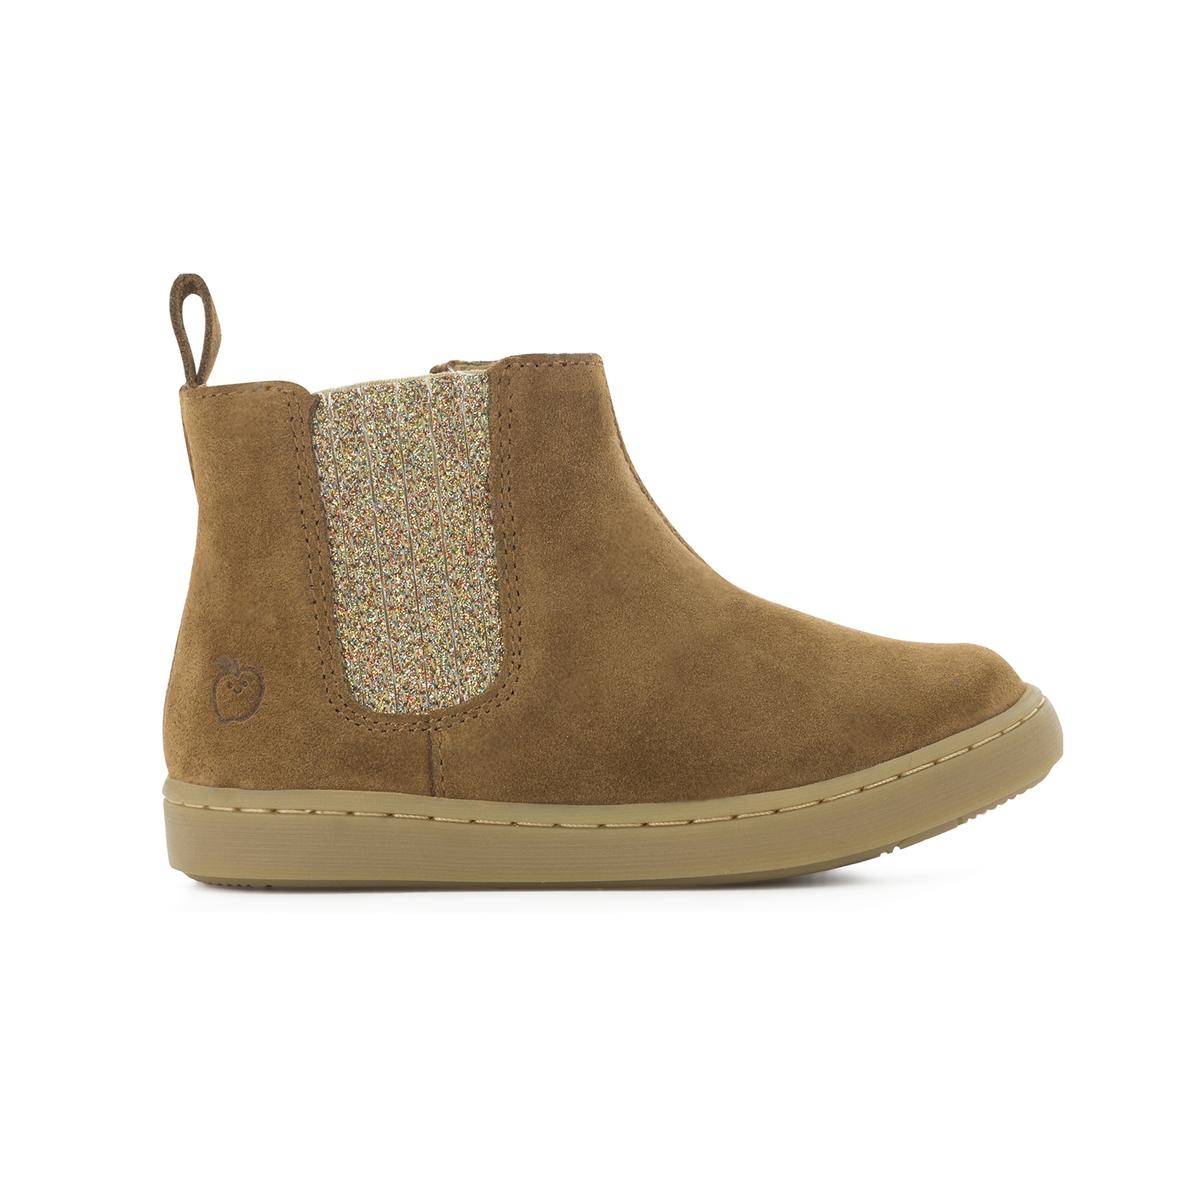 Boots pelle PLAY SHINE ELAST VELOURS/GLITER